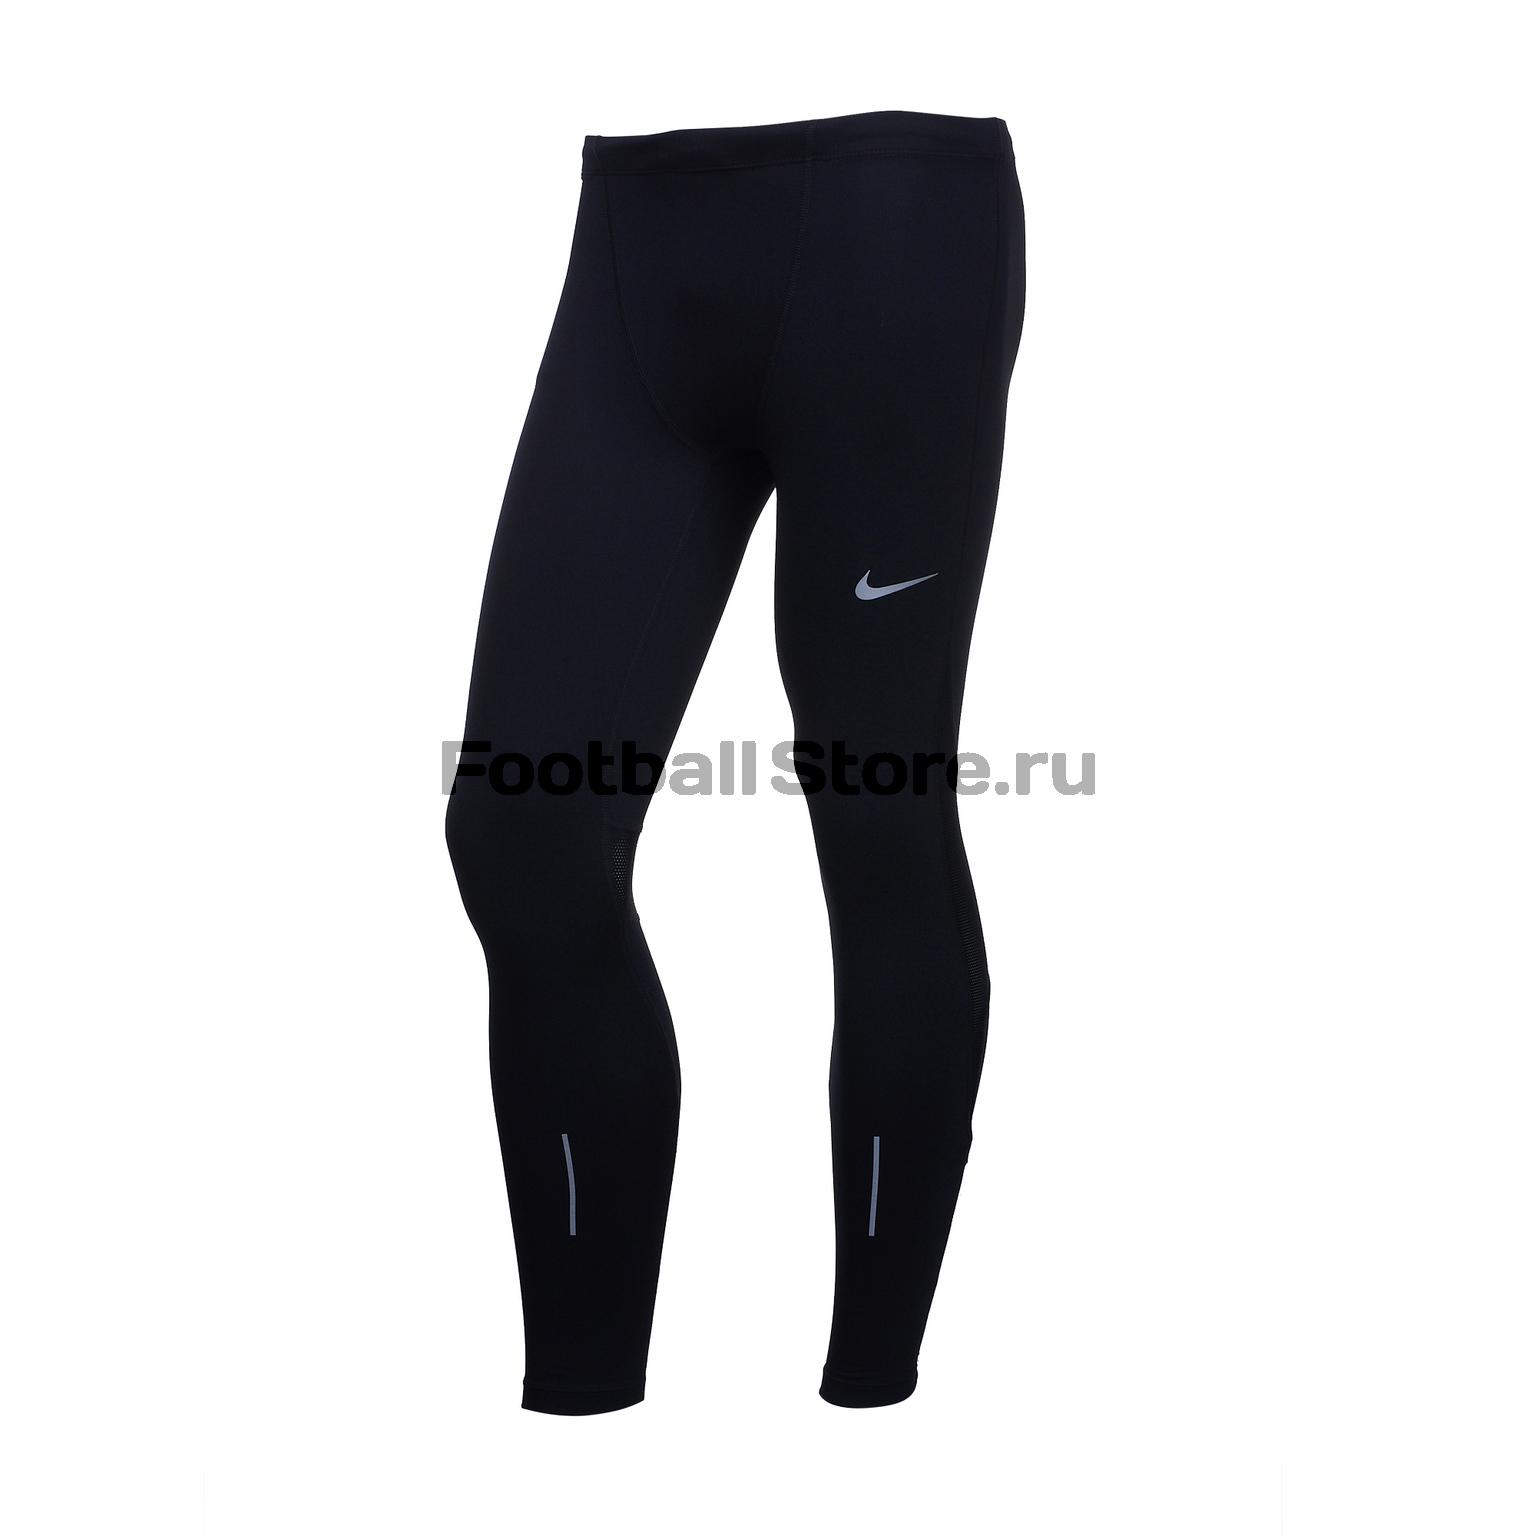 Белье лосины Nike Run TGHT 856886-010